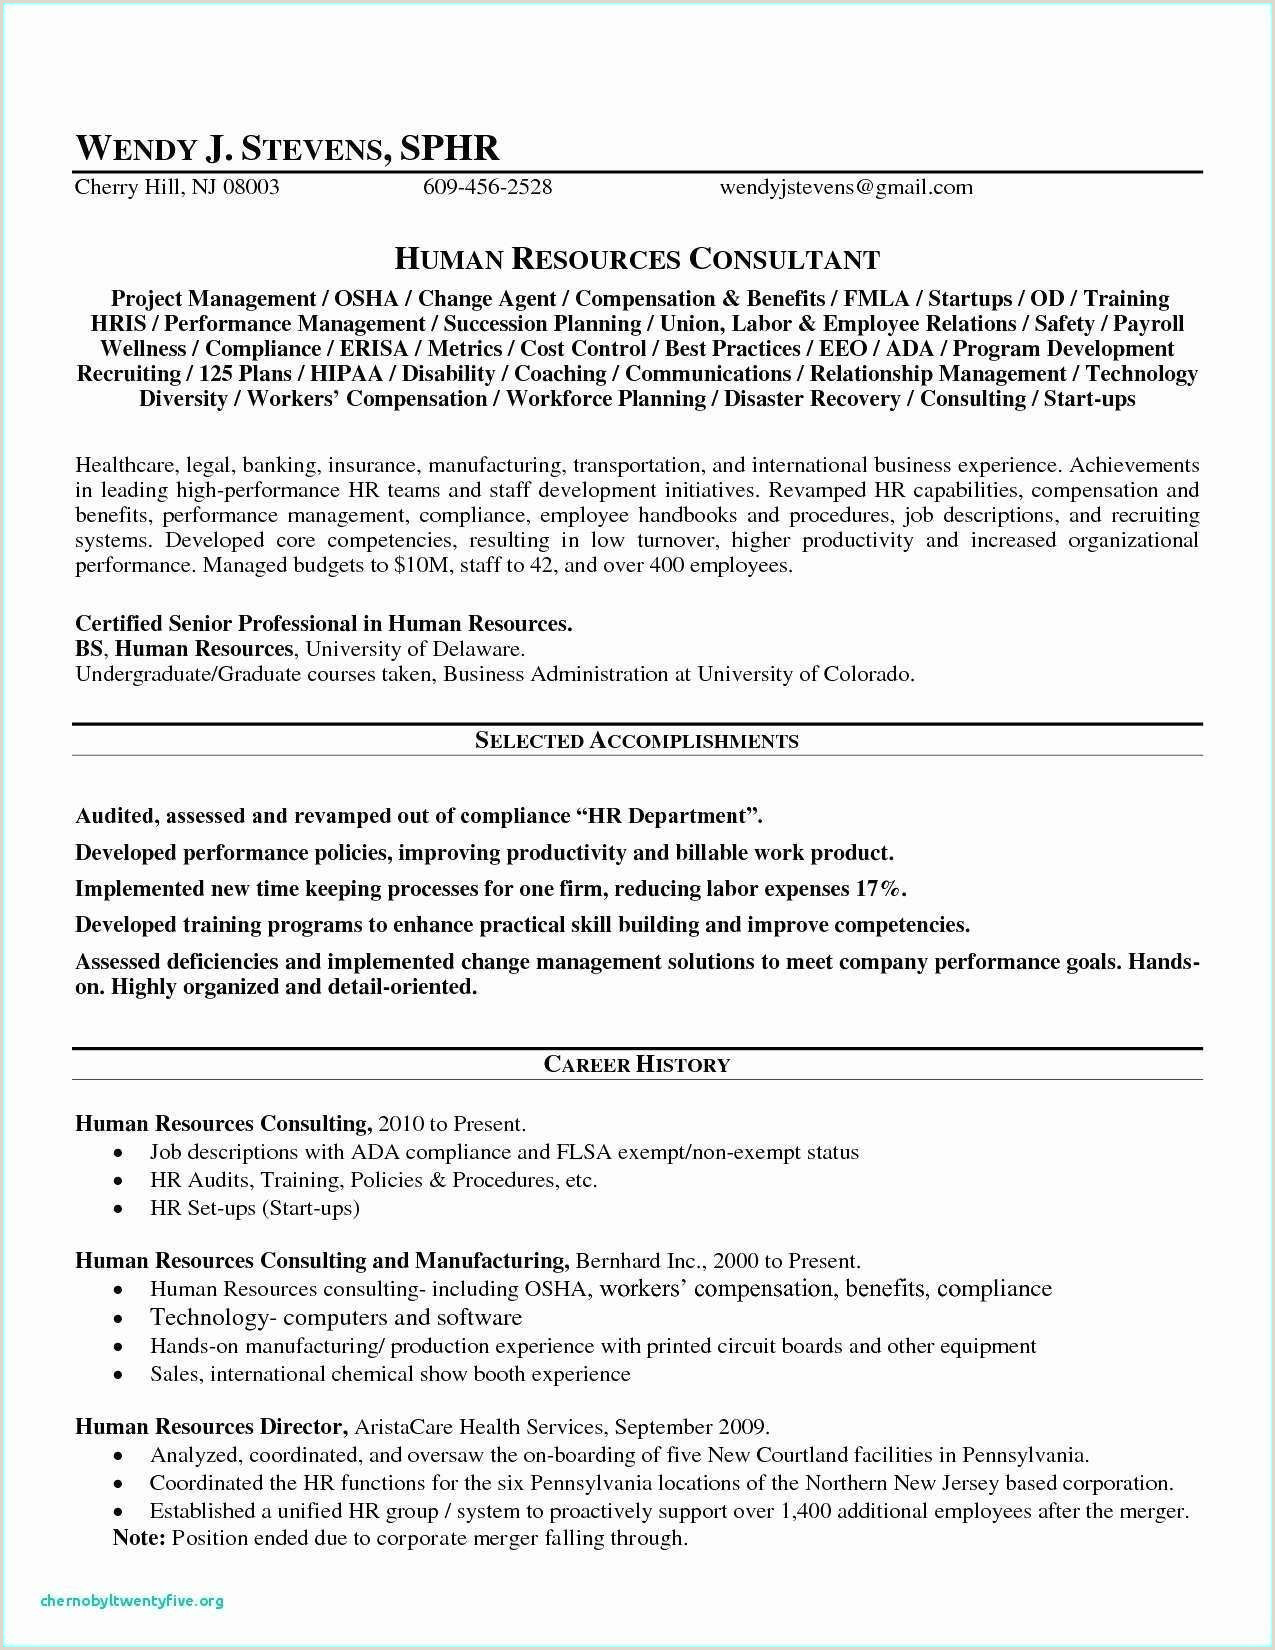 Cv Sample for Hospitality Job Resumes for Hospitality Jobs New Cover Letter for Hotel Jobs